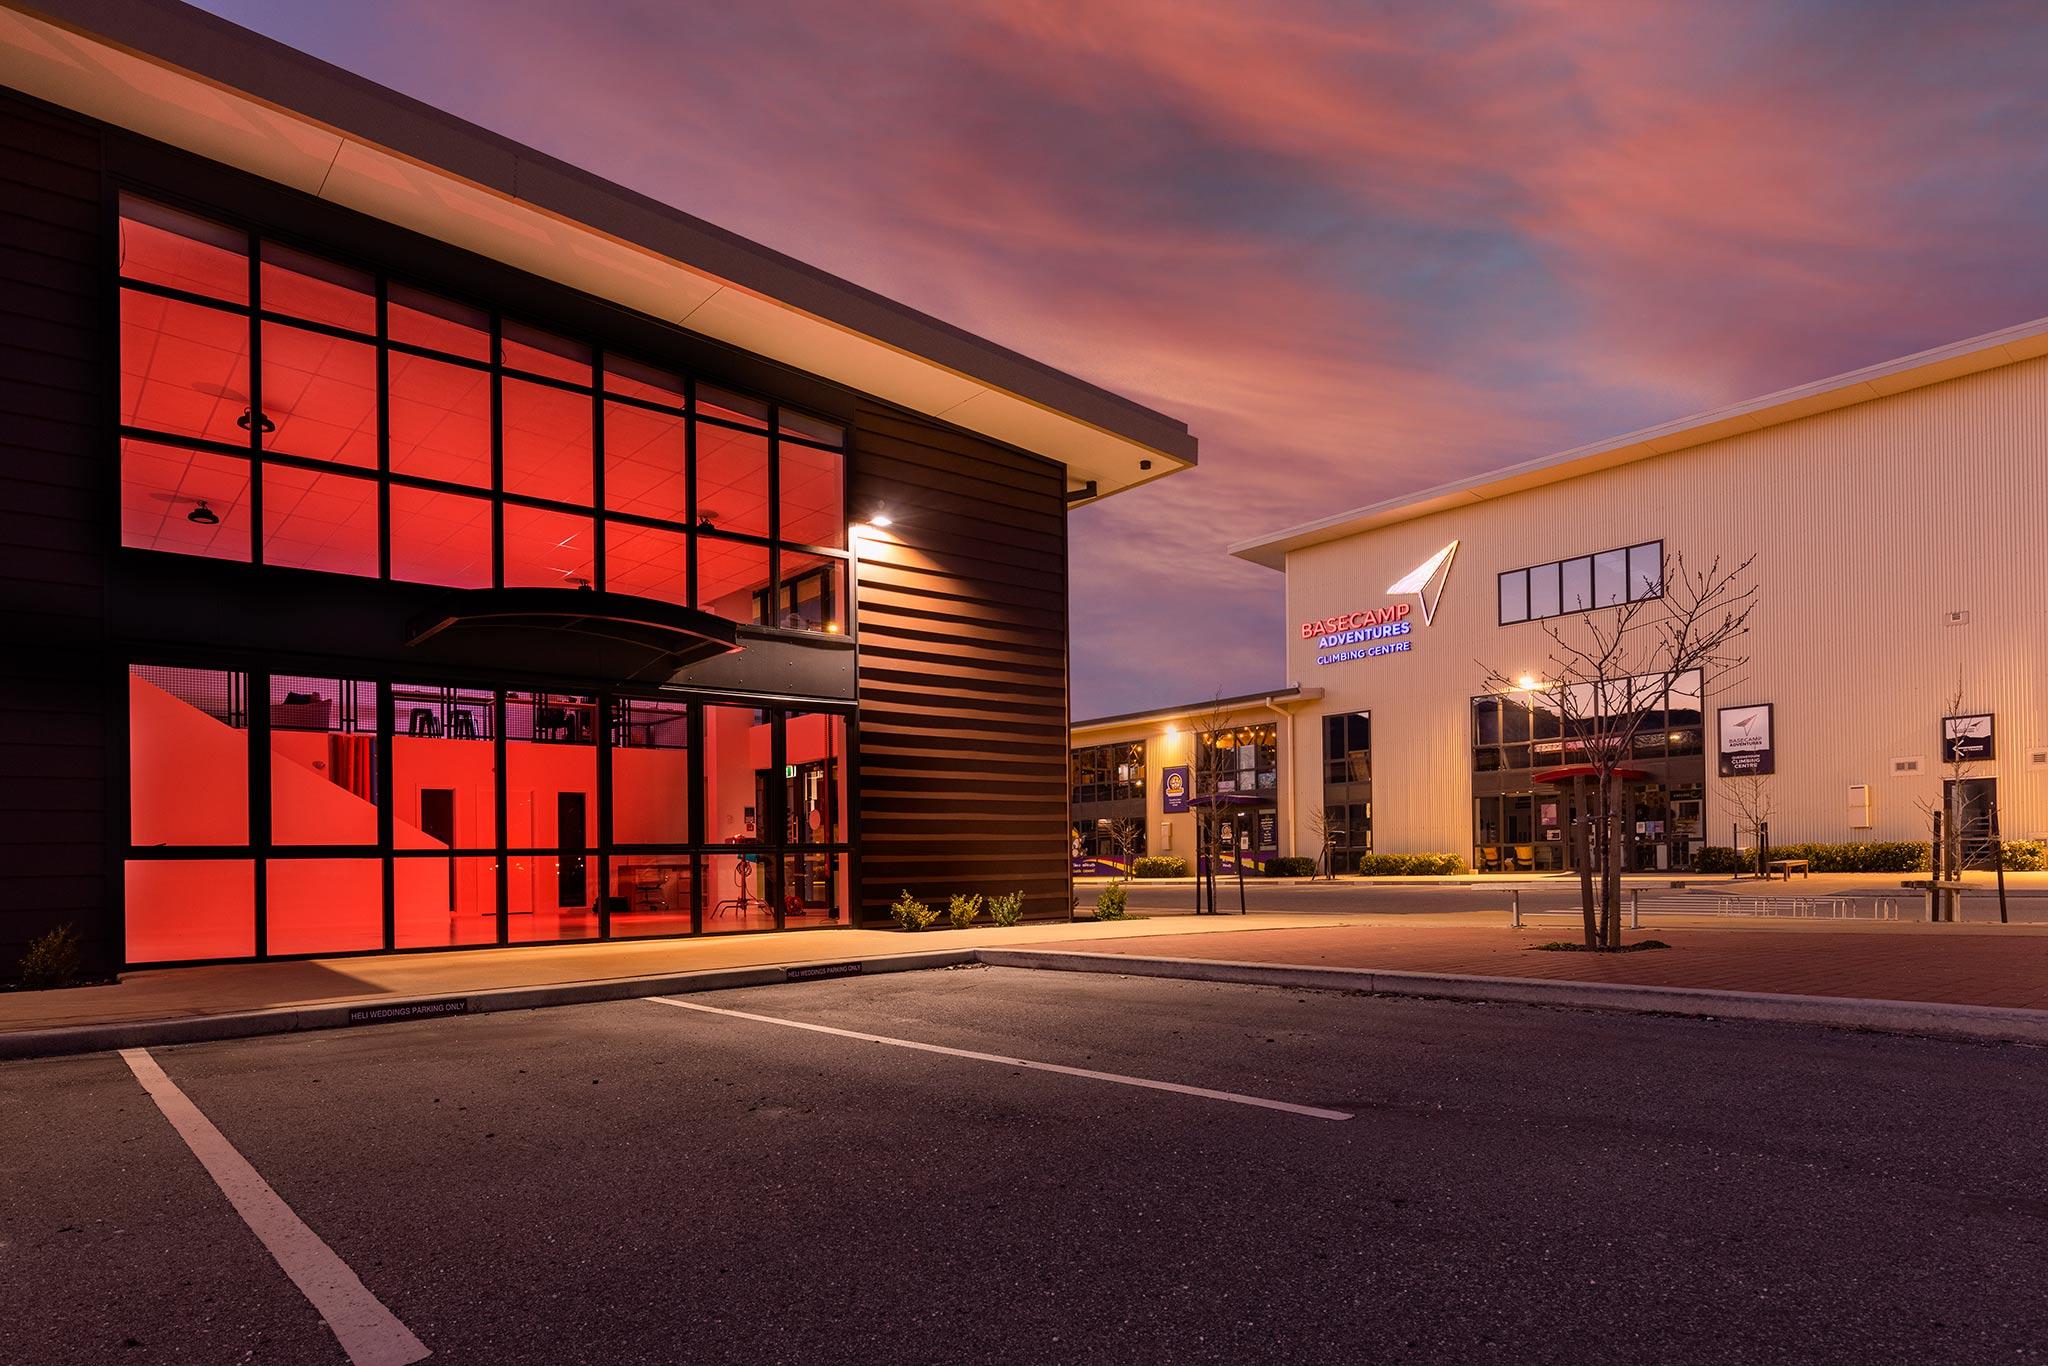 queenstown photography studio hire Up Studios Photography Studio in Queenstown